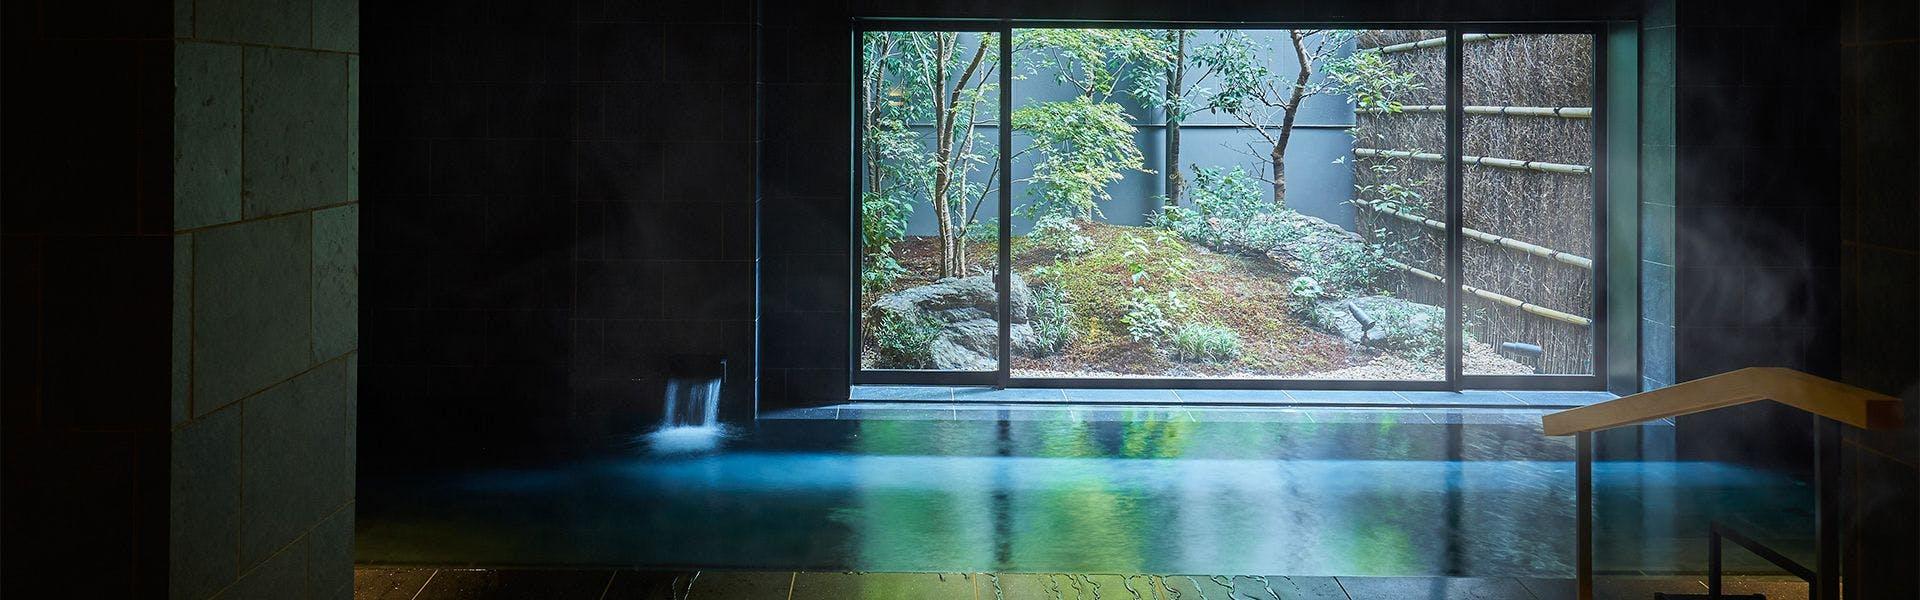 記念日におすすめのホテル・【温泉旅館 由縁別邸 東京代田】の写真3